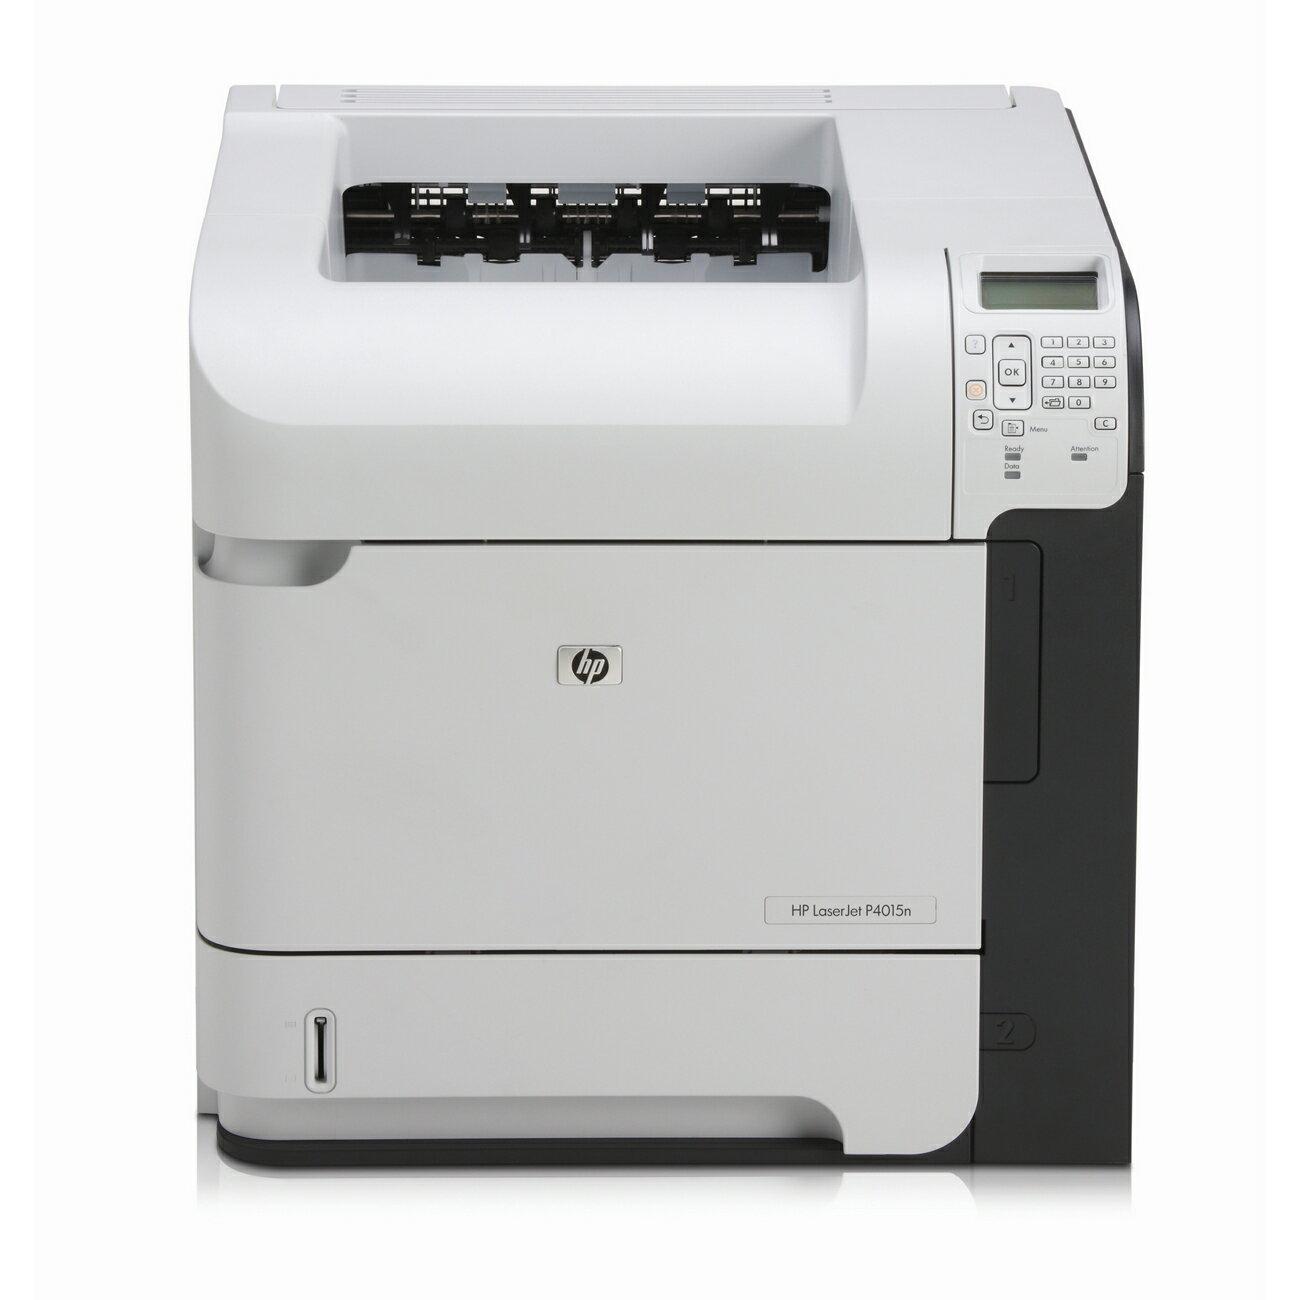 HP LaserJet P4010 P4015X Laser Printer - Monochrome - 1200 x 1200 dpi Print - Plain Paper Print - Desktop - 50 ppm Mono Print - A4, A5, B5 (JIS), 16K, Executive, Executive JIS, DL Envelope, C5 Envelope, B5 Envelope, Custom Size - 1100 sheets Standard Inpu 0